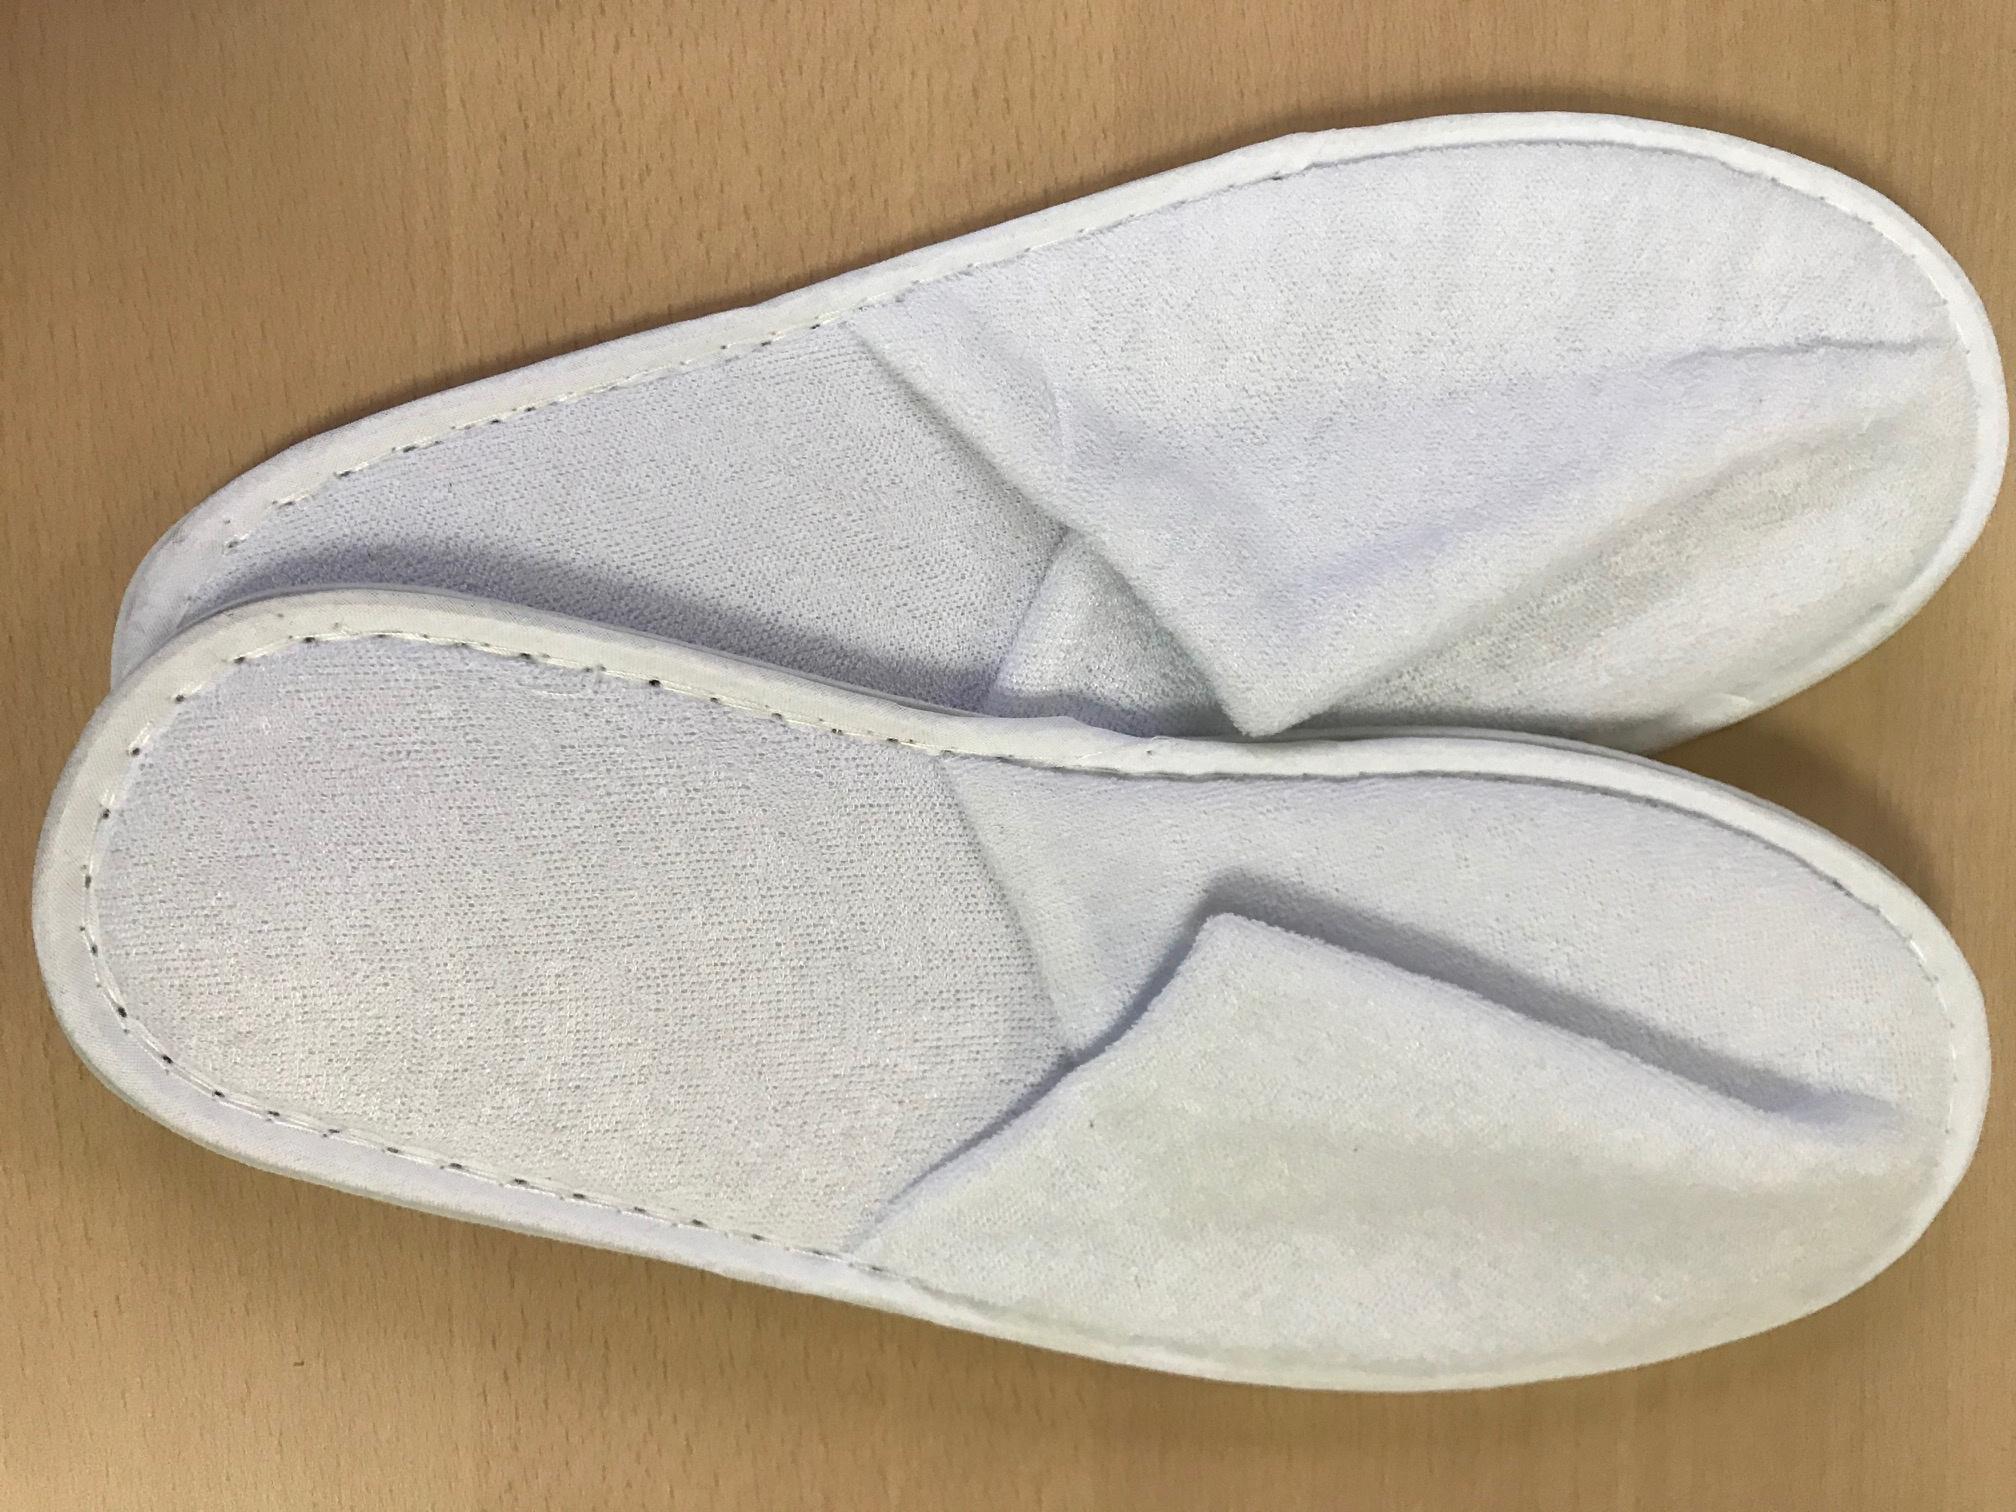 Chaussons blancs fermés - Lot de 25 paires